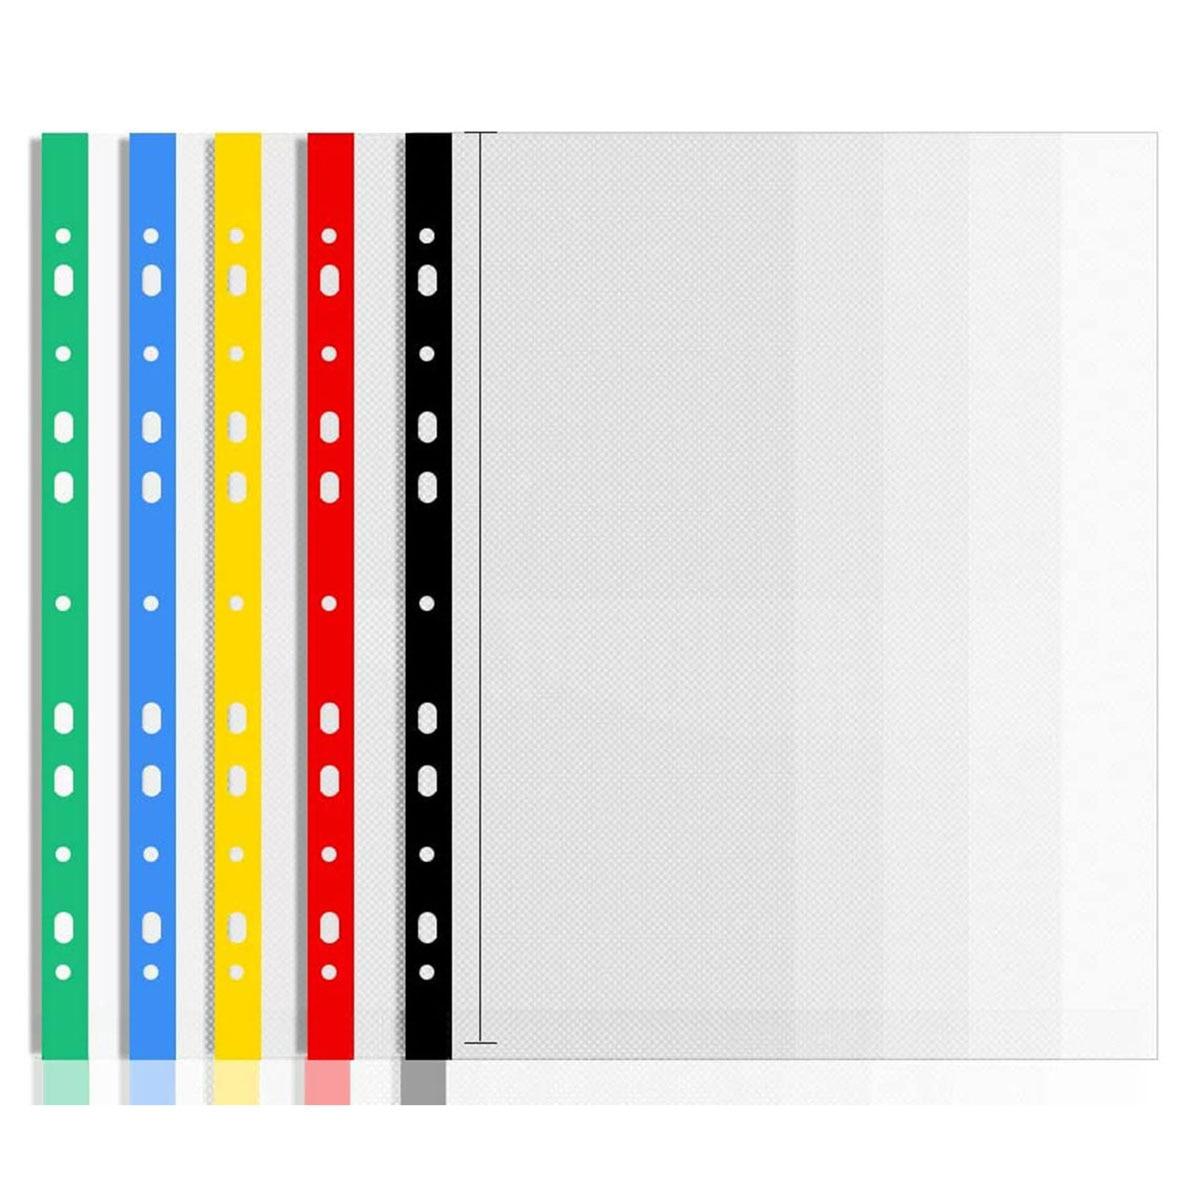 25 шт., прозрачные пробивные карманы из стекла A4, 100% переработанные цветные прозрачные карманы для открывания сверху